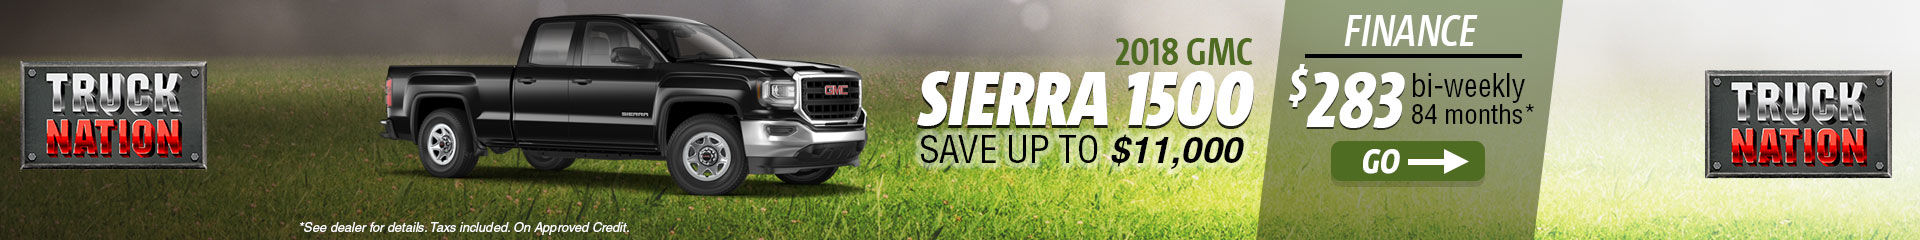 Finance the 2018 GMC Sierra 1500